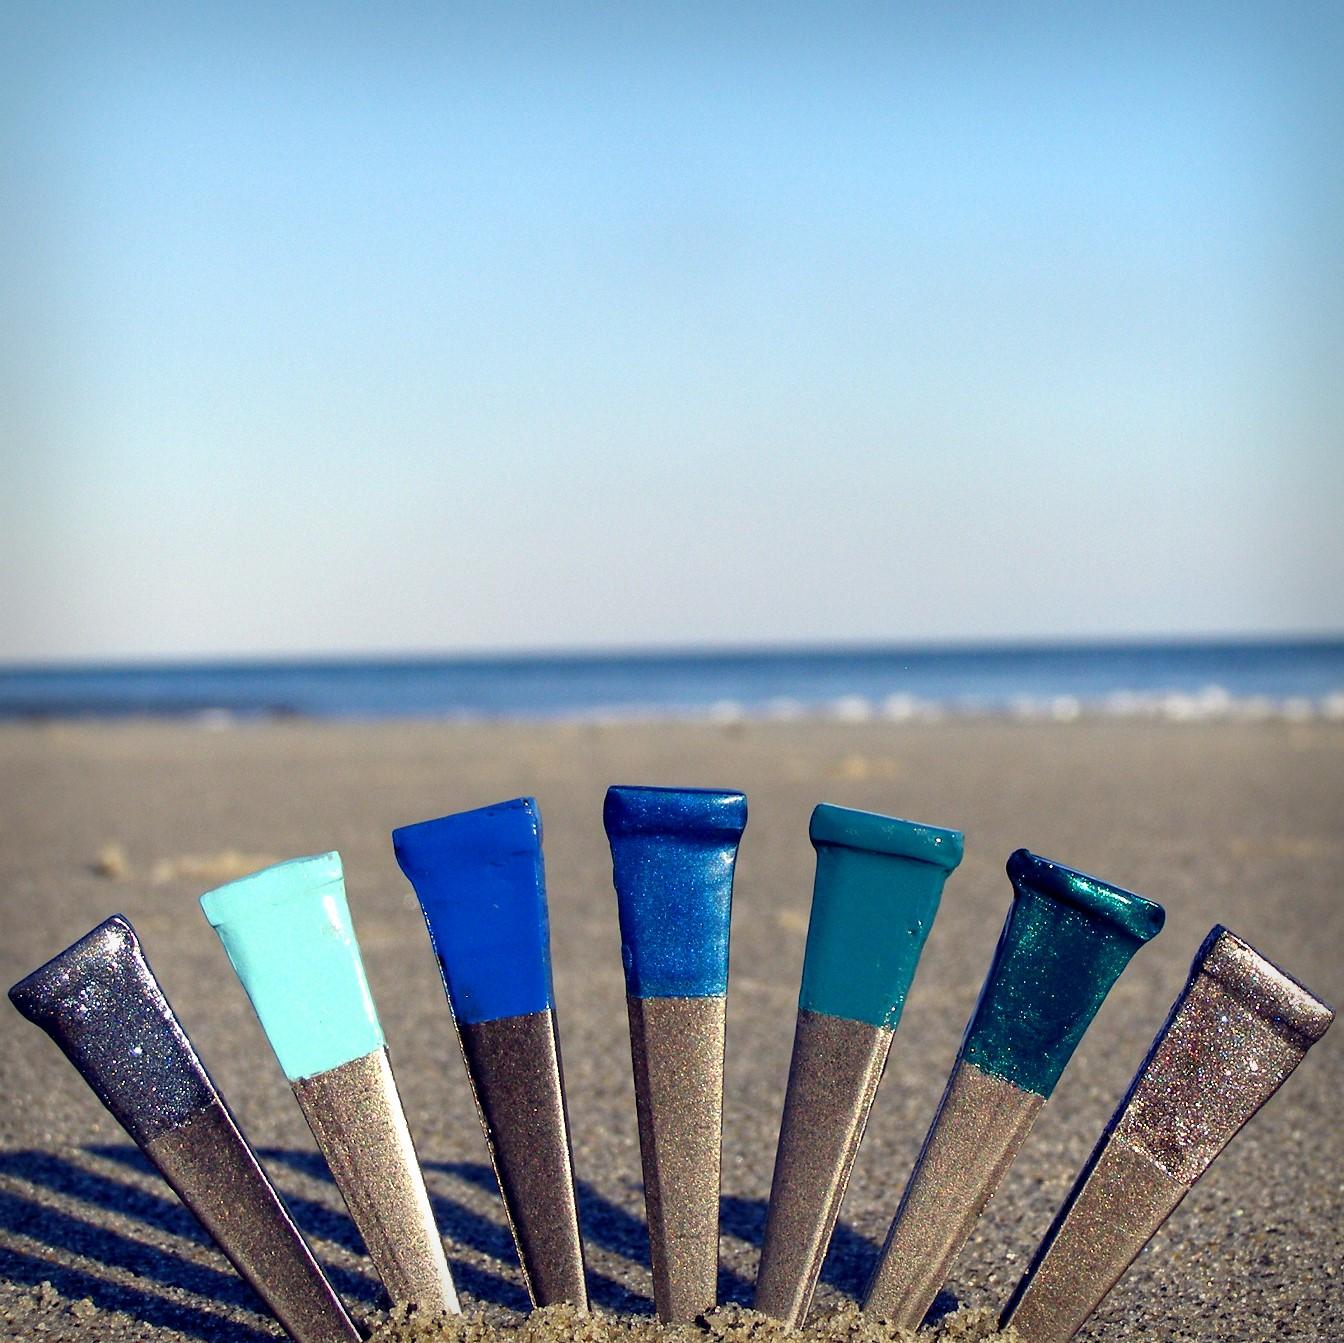 nail polish by the sea 2.jpg